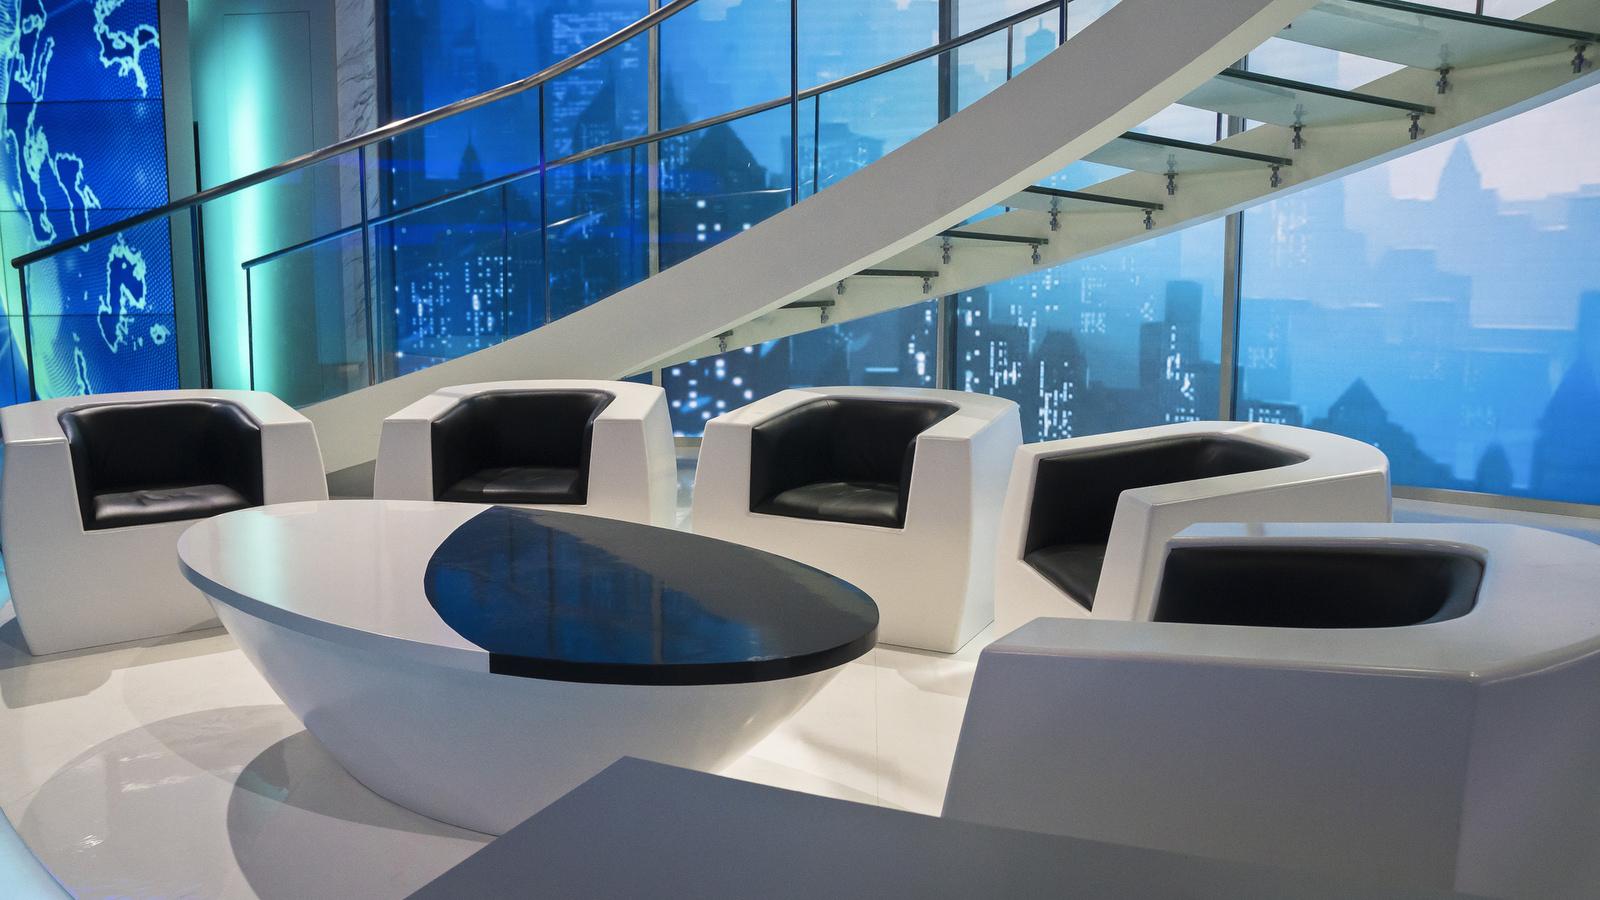 NCS_Beijing-Media-Group-BTV-studio_084